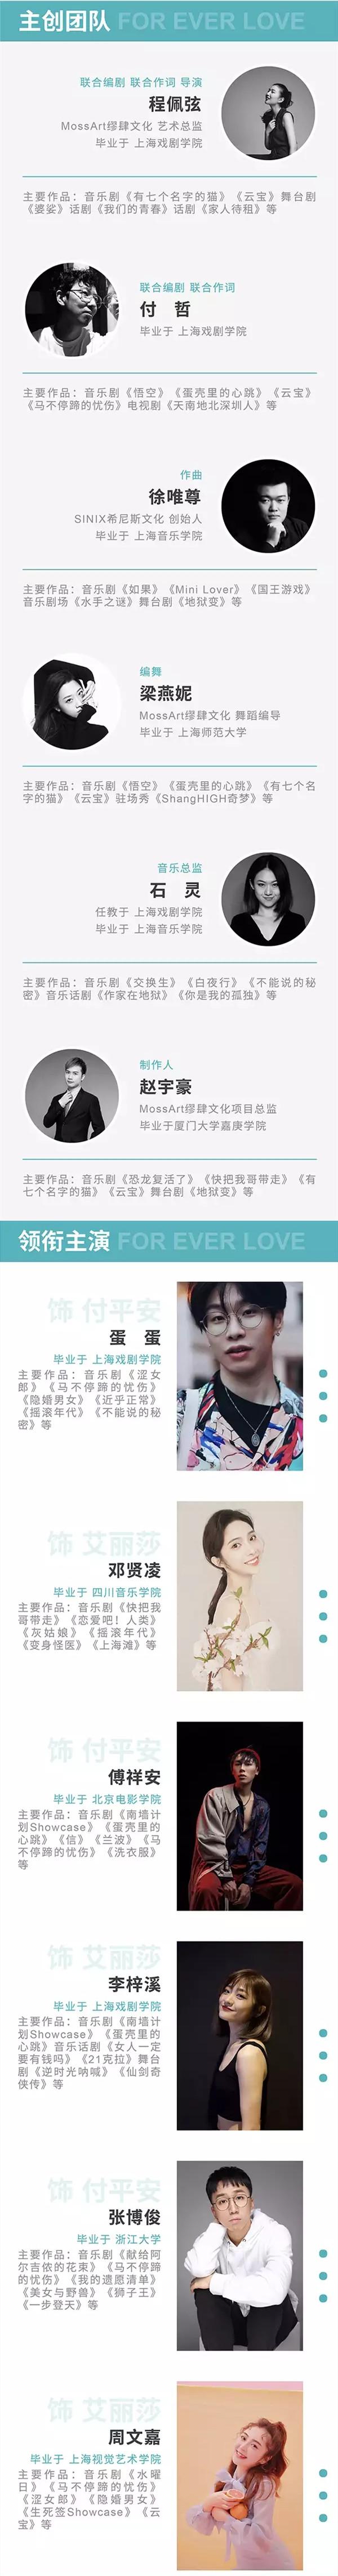 2021原创音乐剧《致爱》-上海站